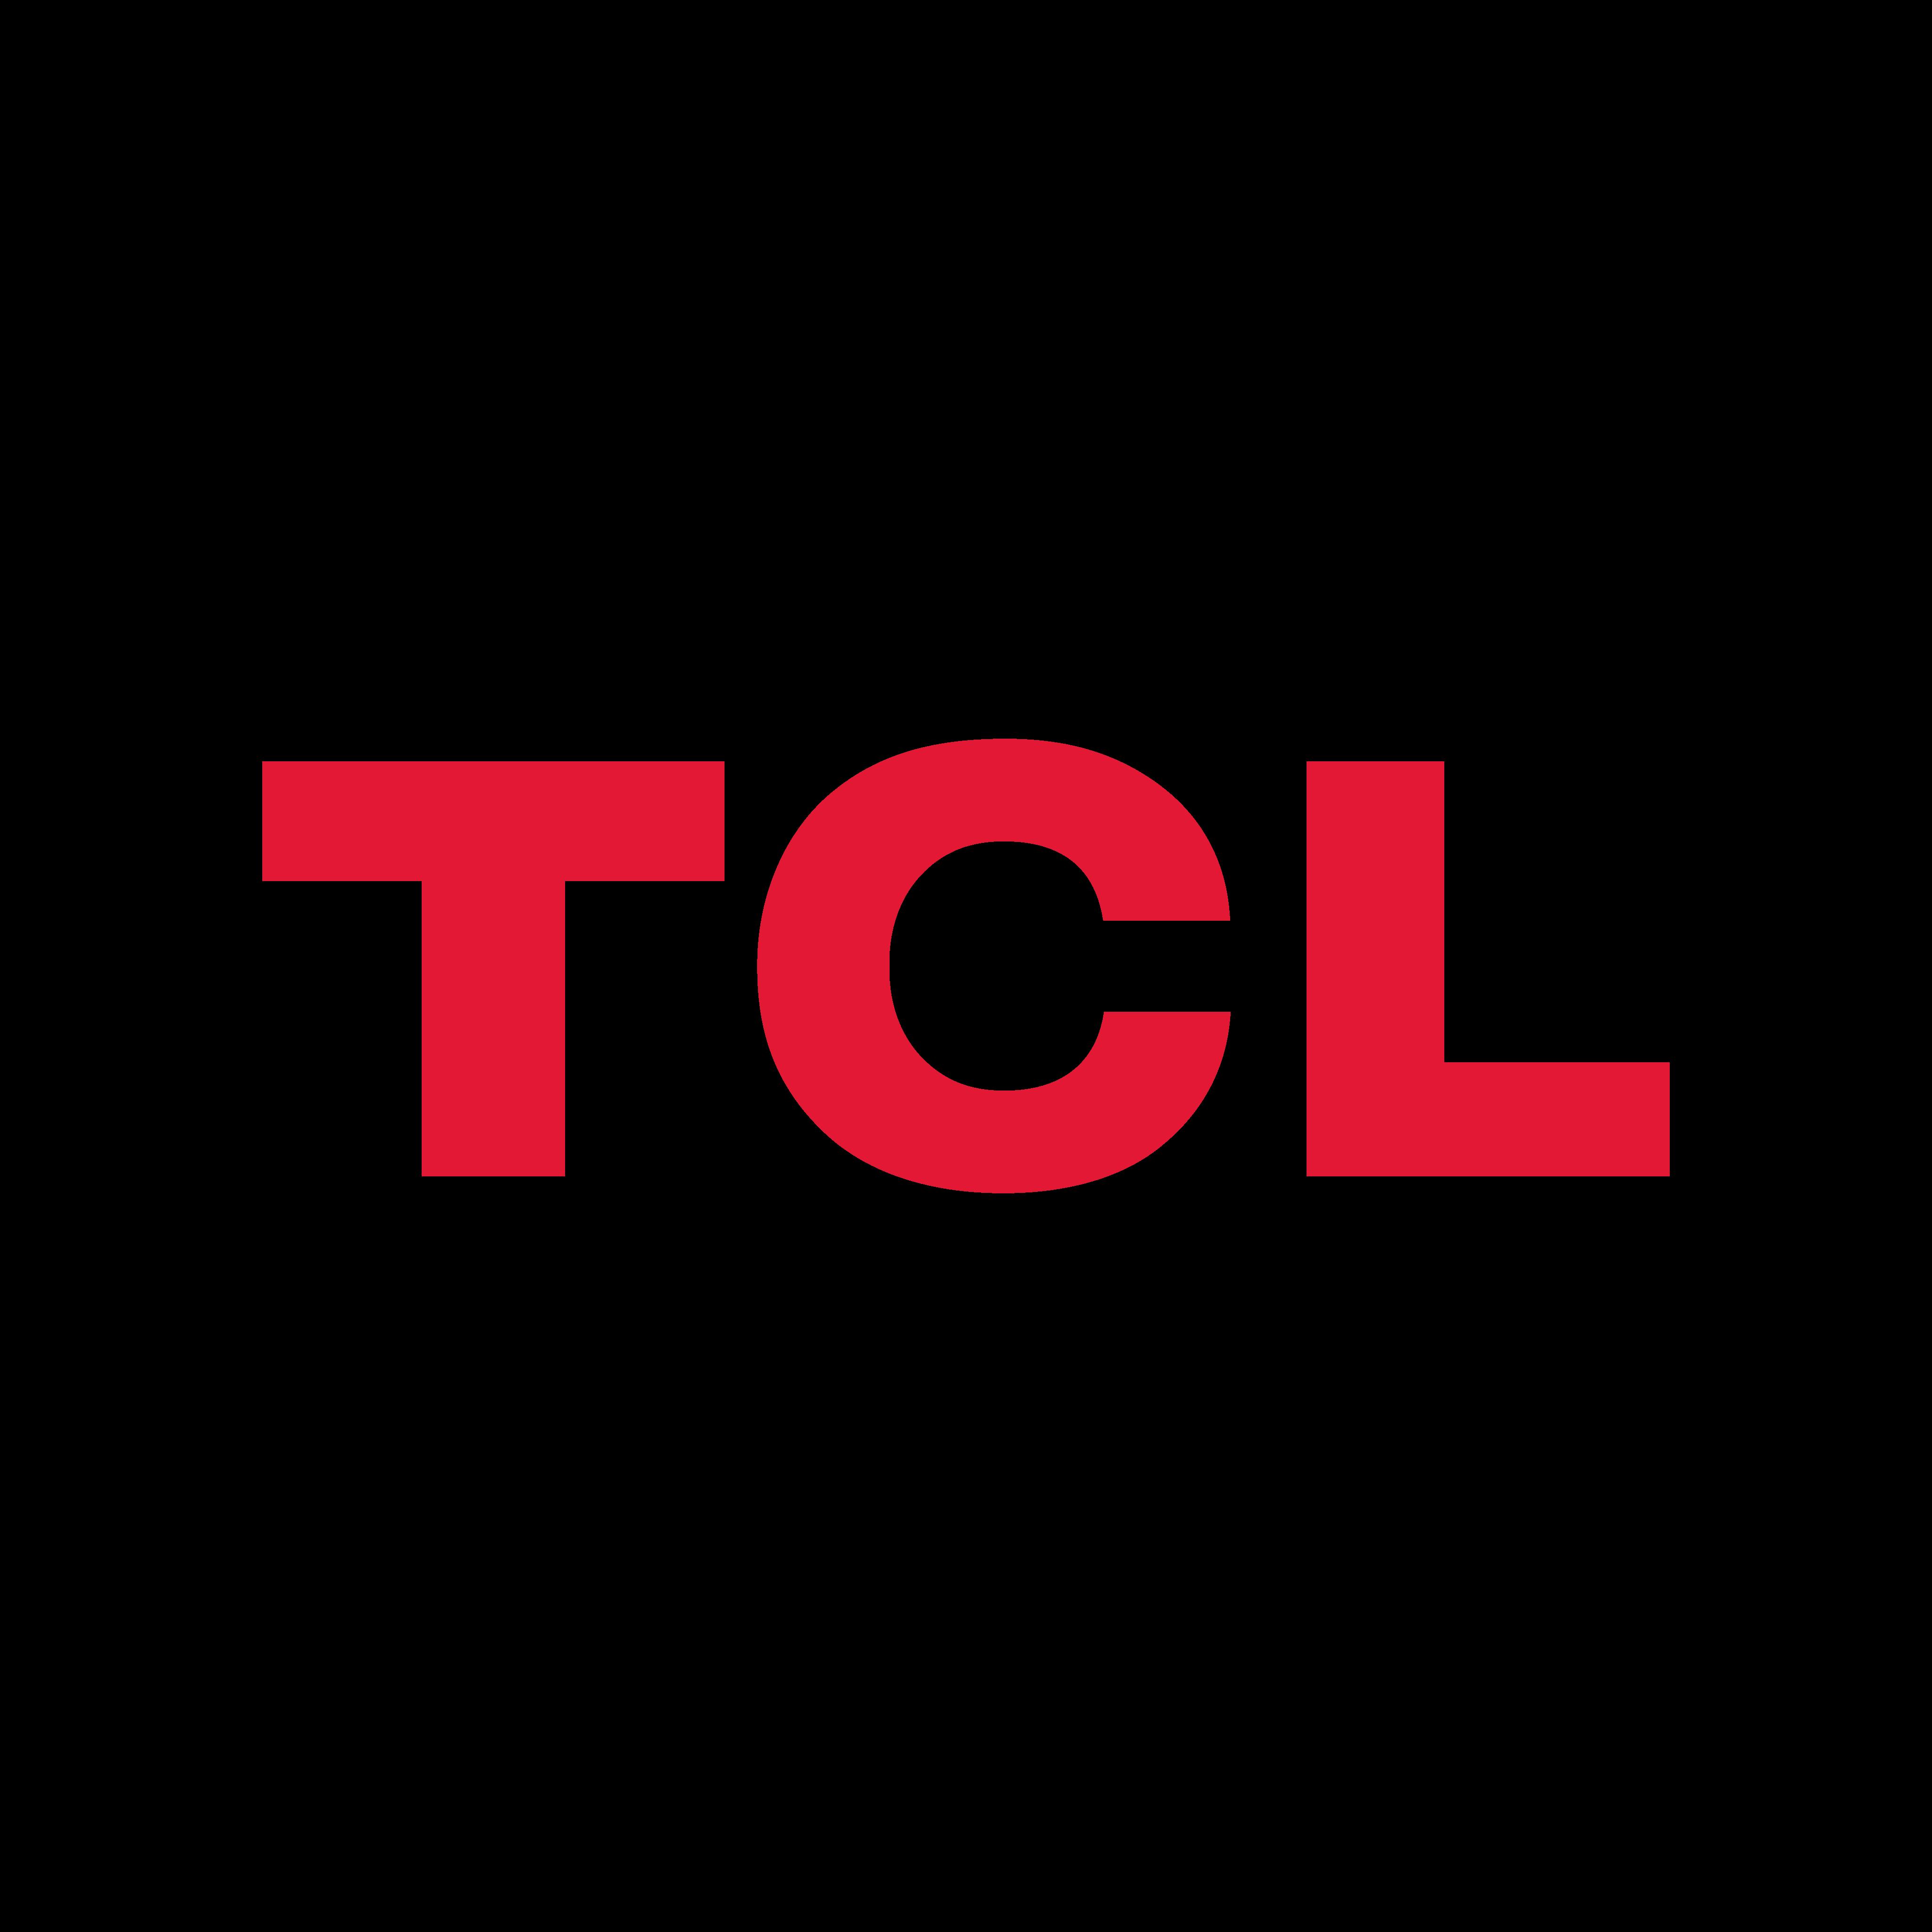 tcl logo 0 - TCL Logo